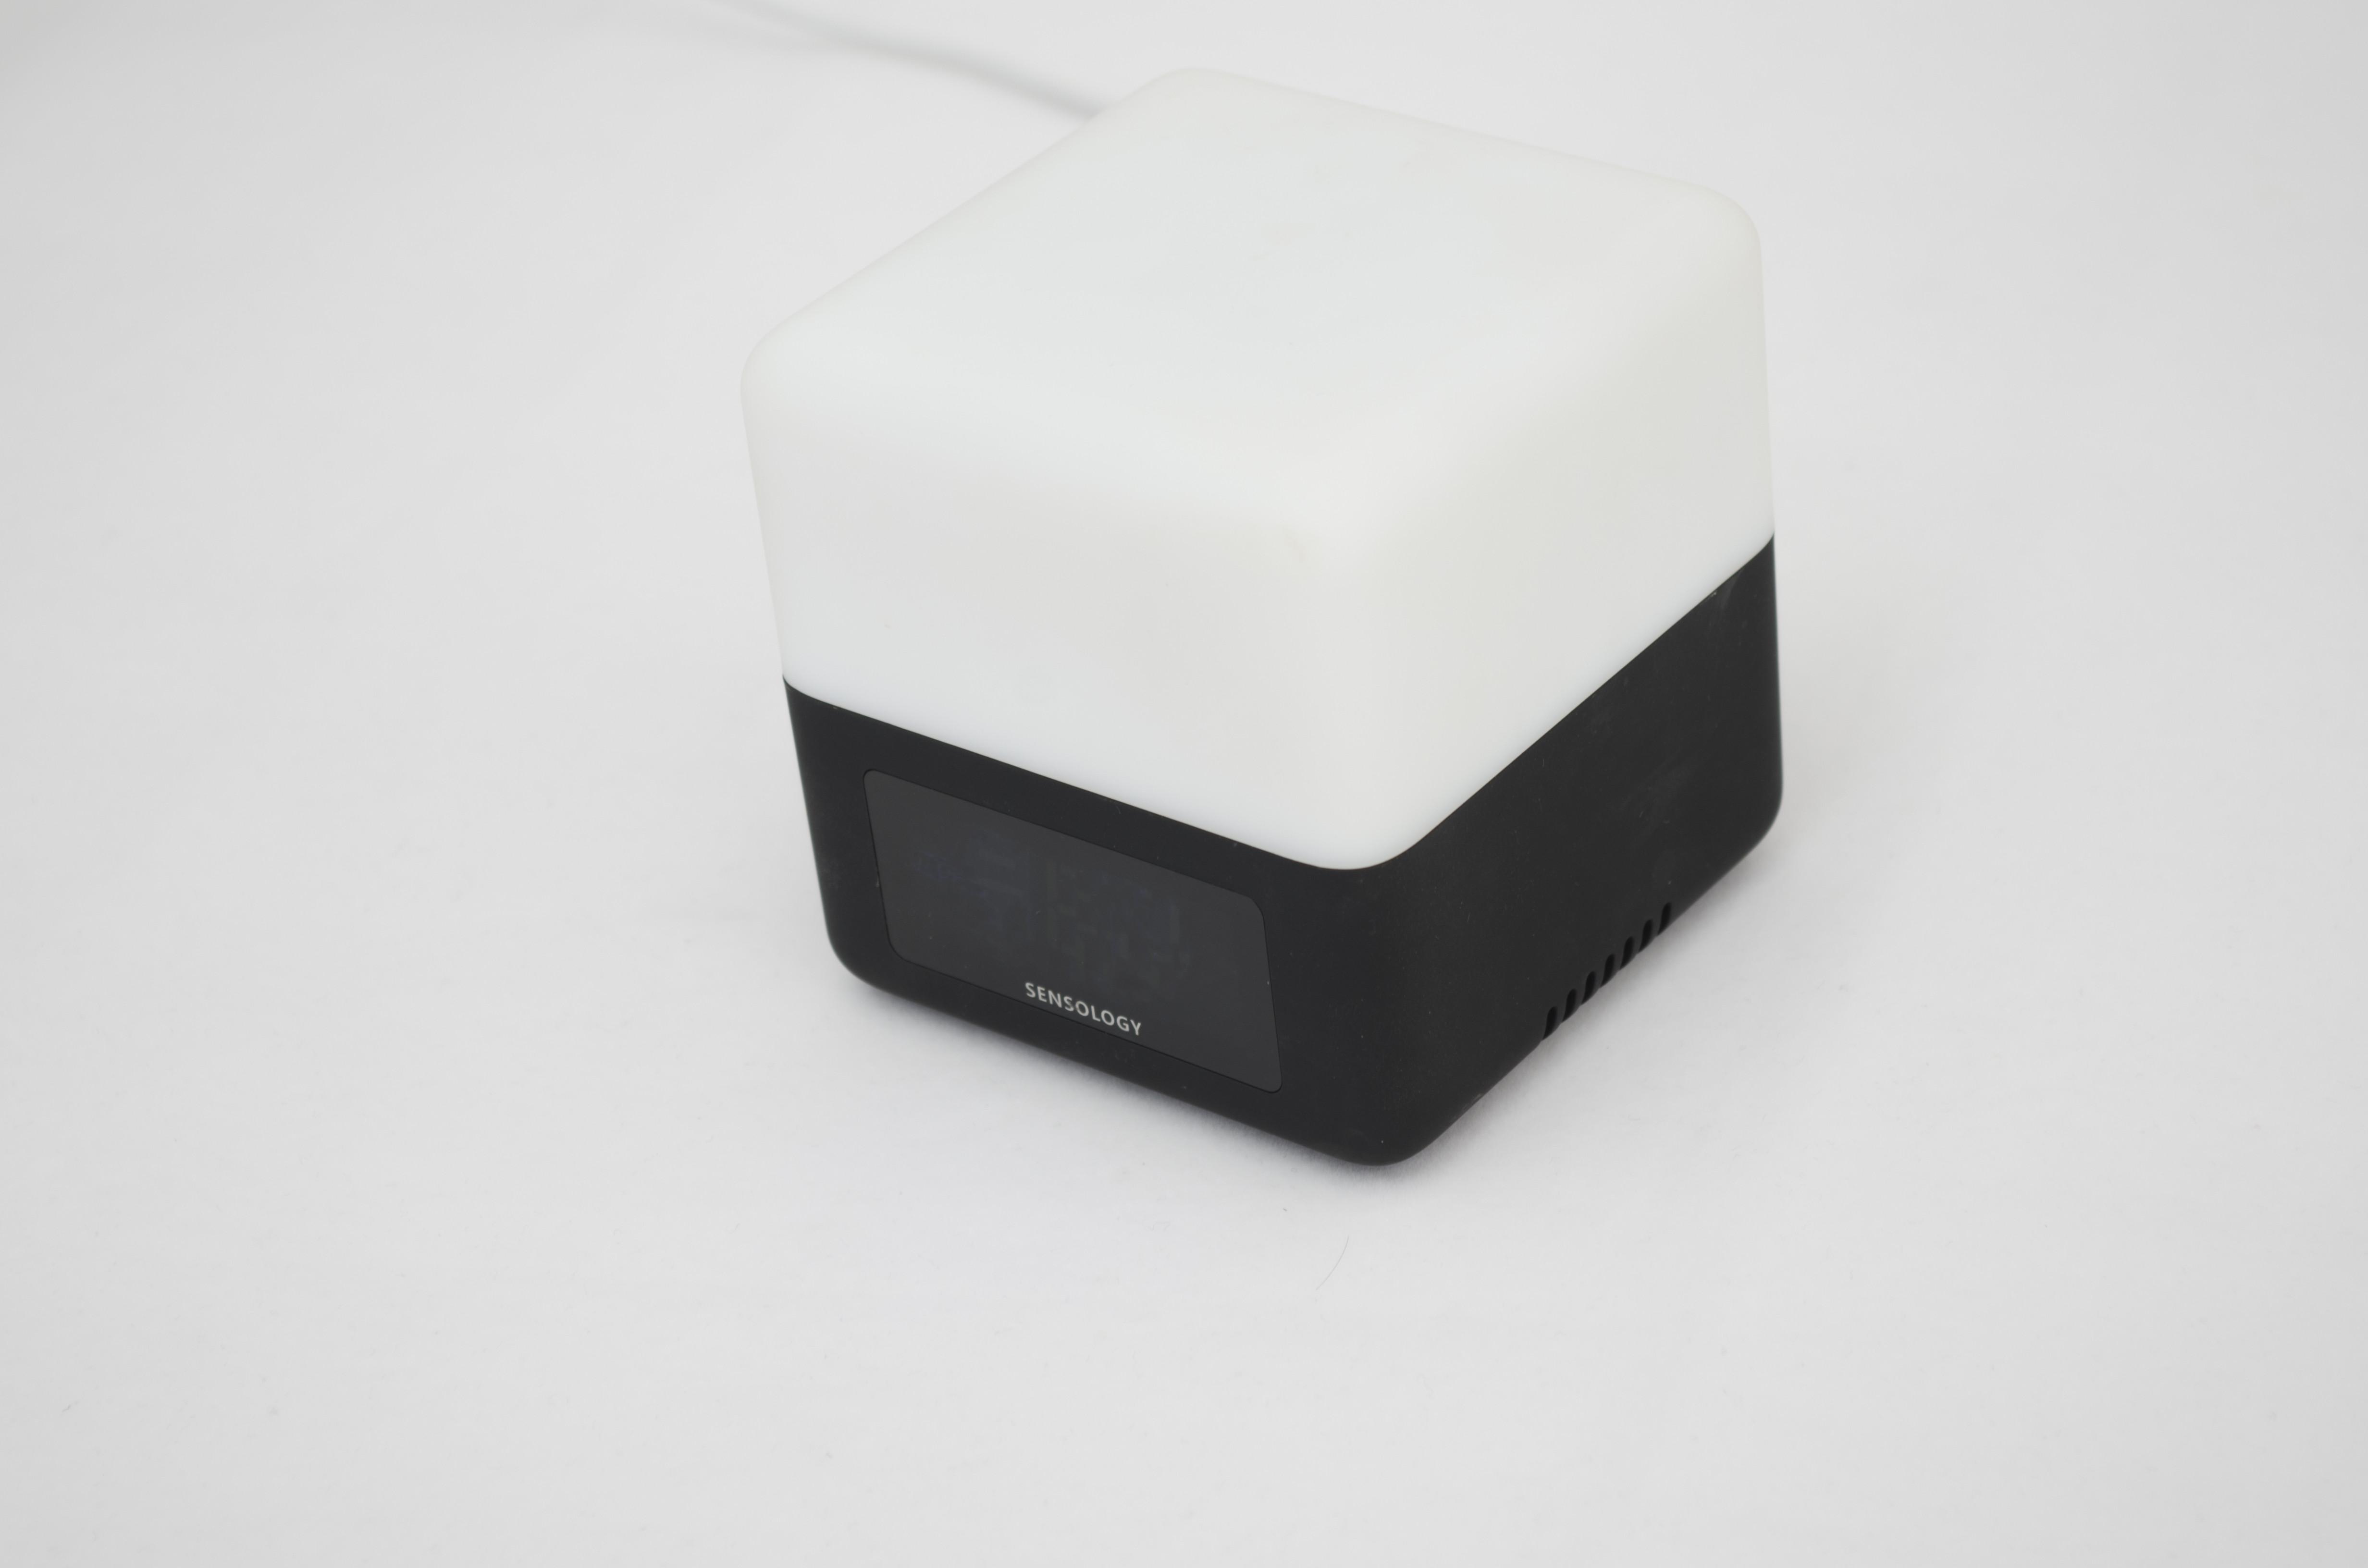 45元-149元 我们测试五款小米空气净化器滤芯:结果令人惊讶